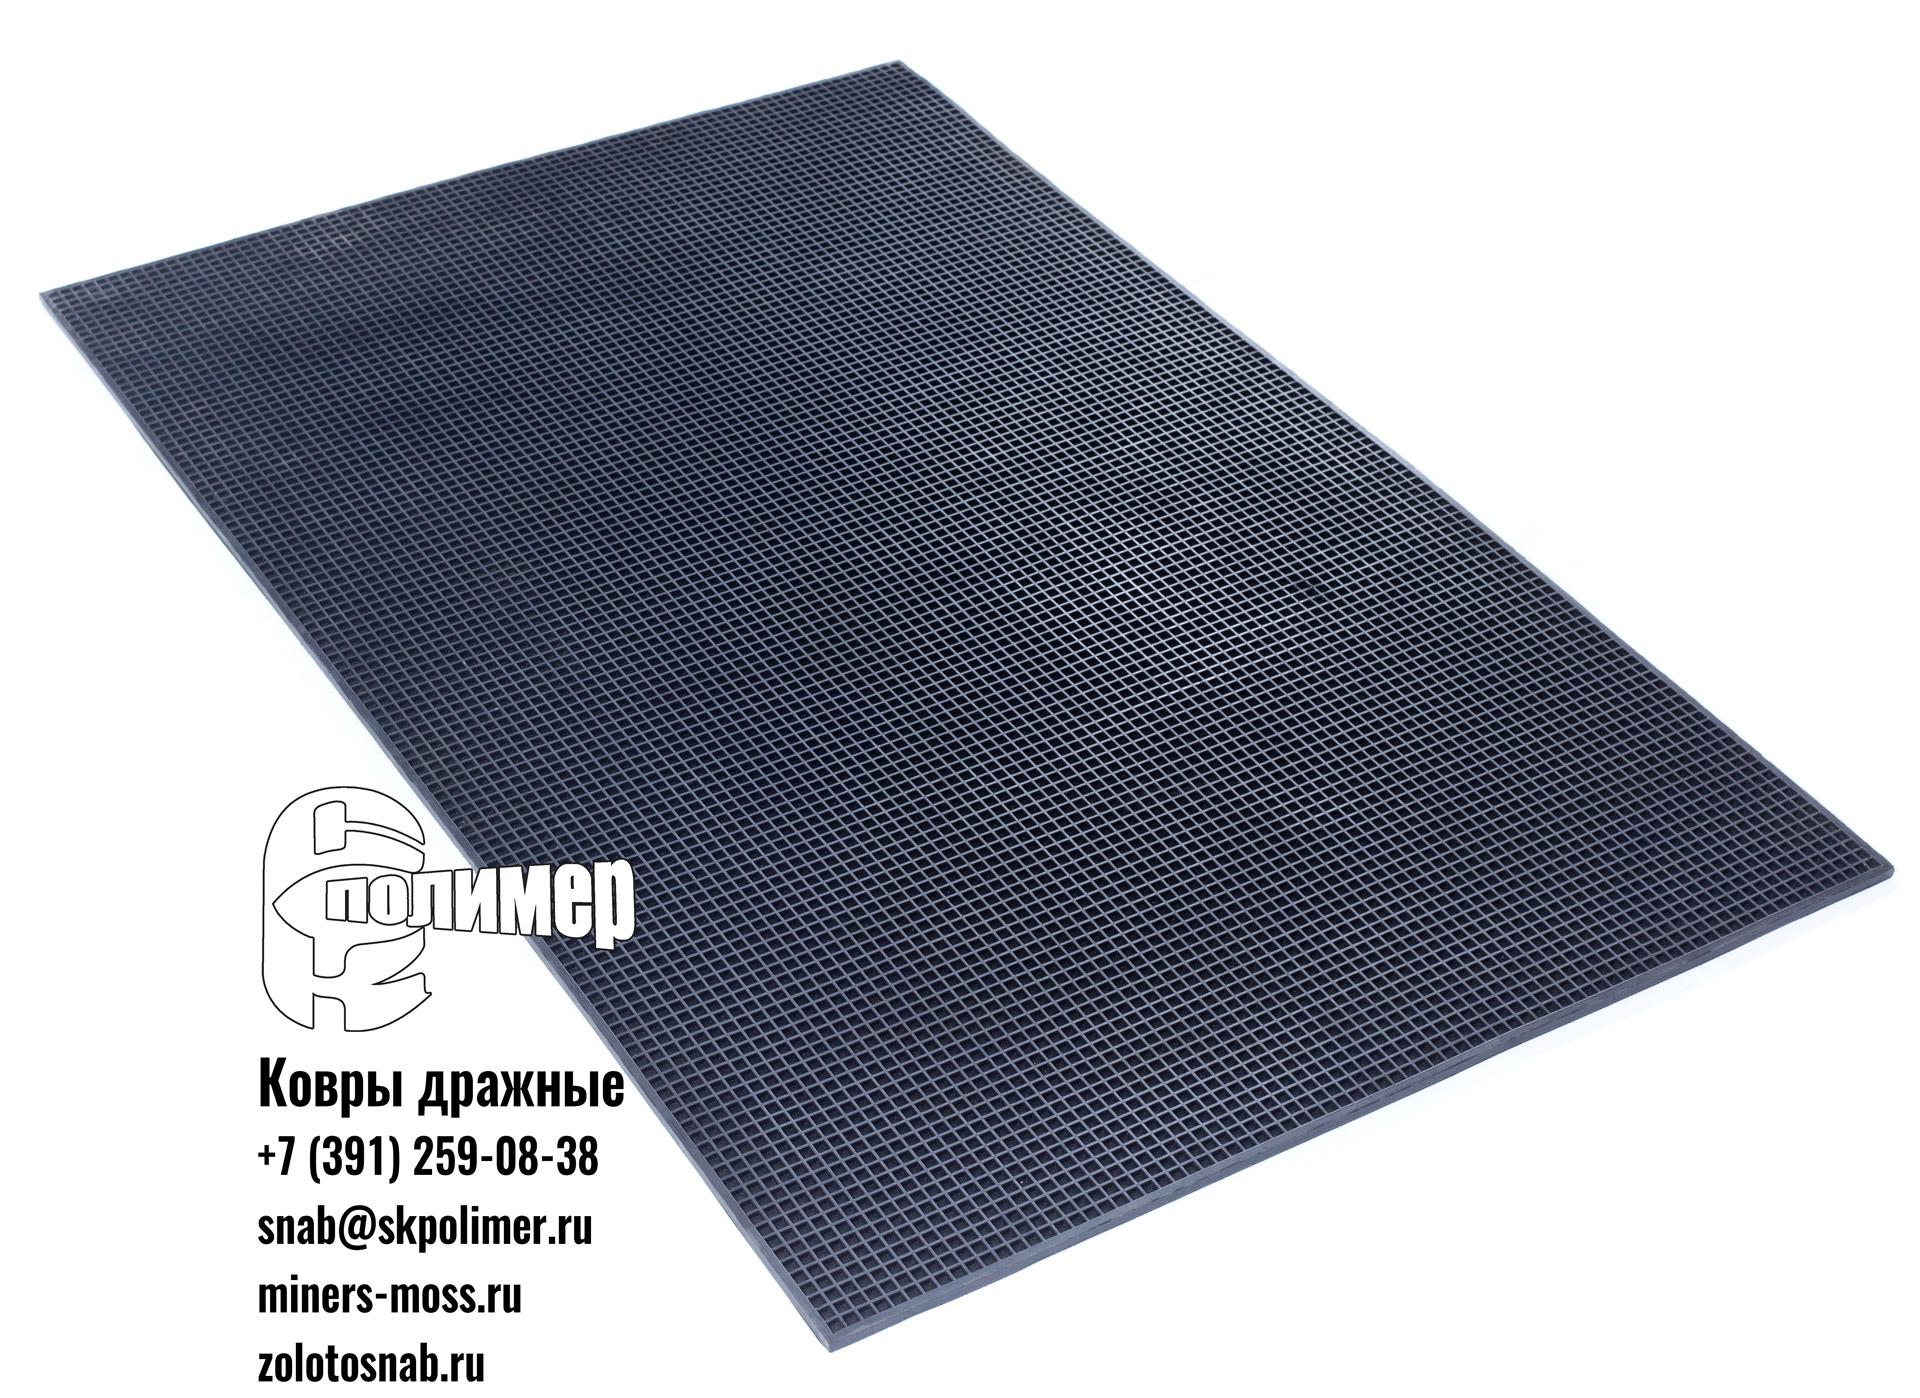 ковры дражные 369 1250х800